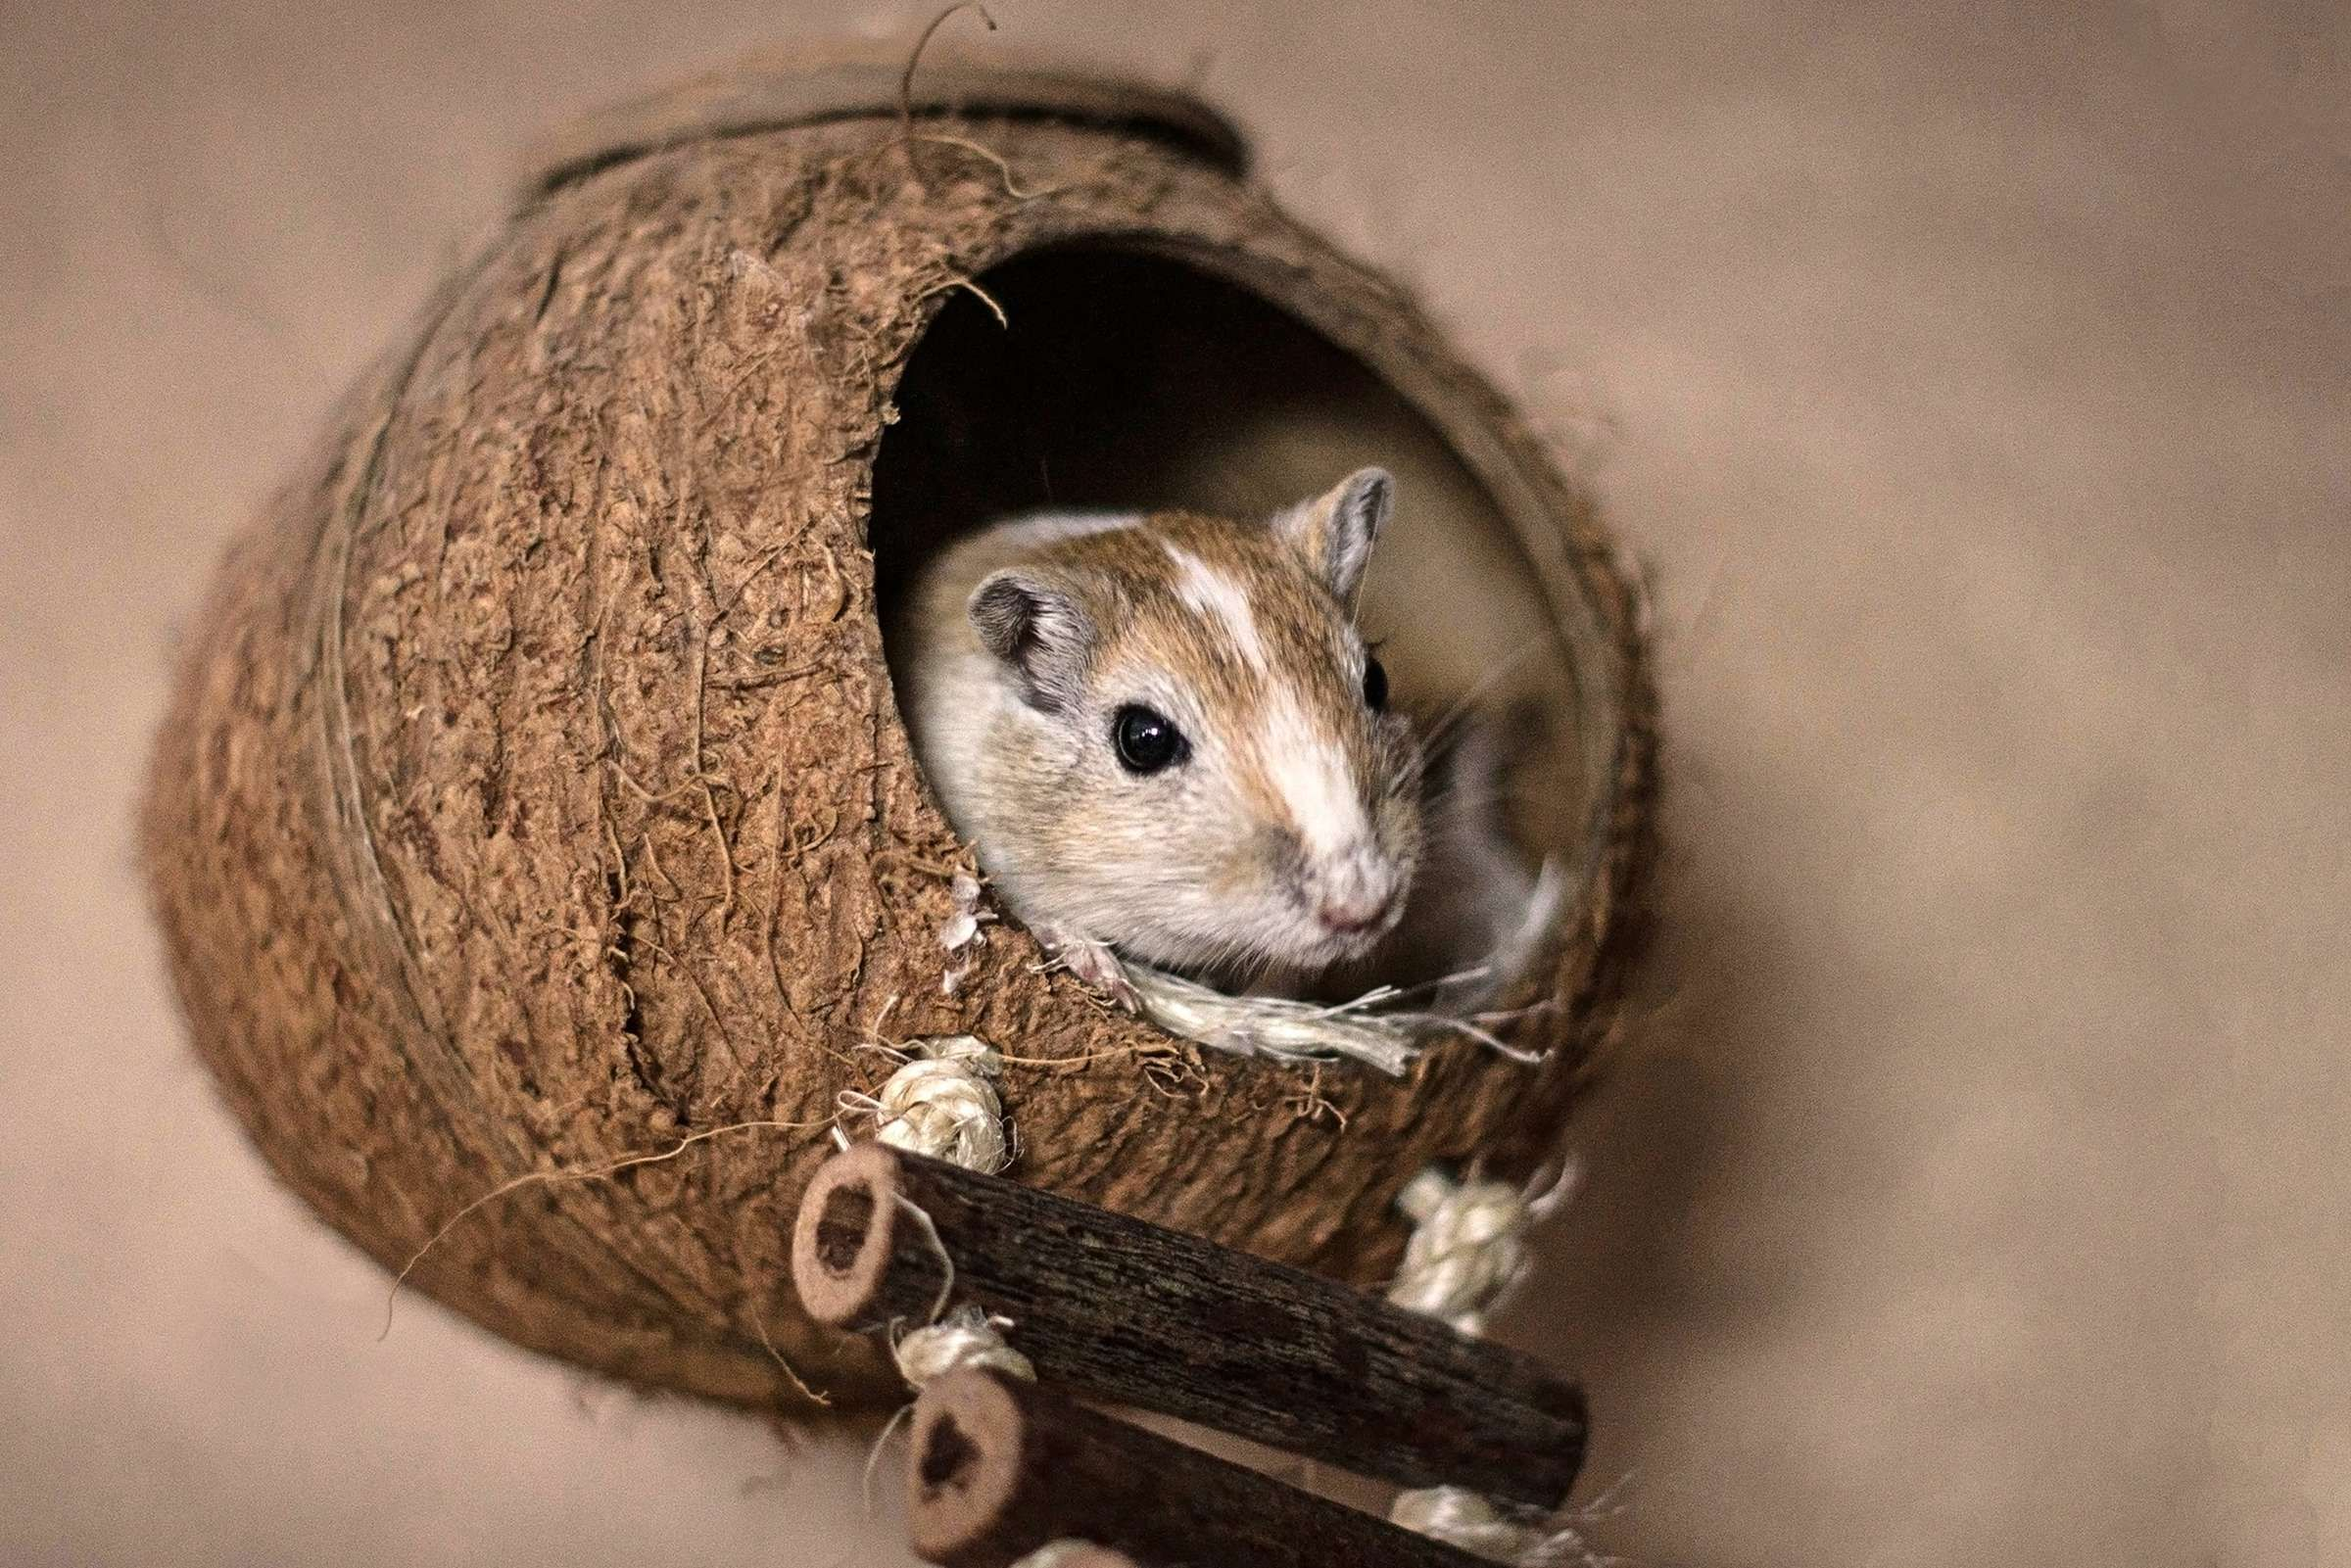 Kokosnussschiff Susse Tiere Rennmaus Hamster Spielzeug